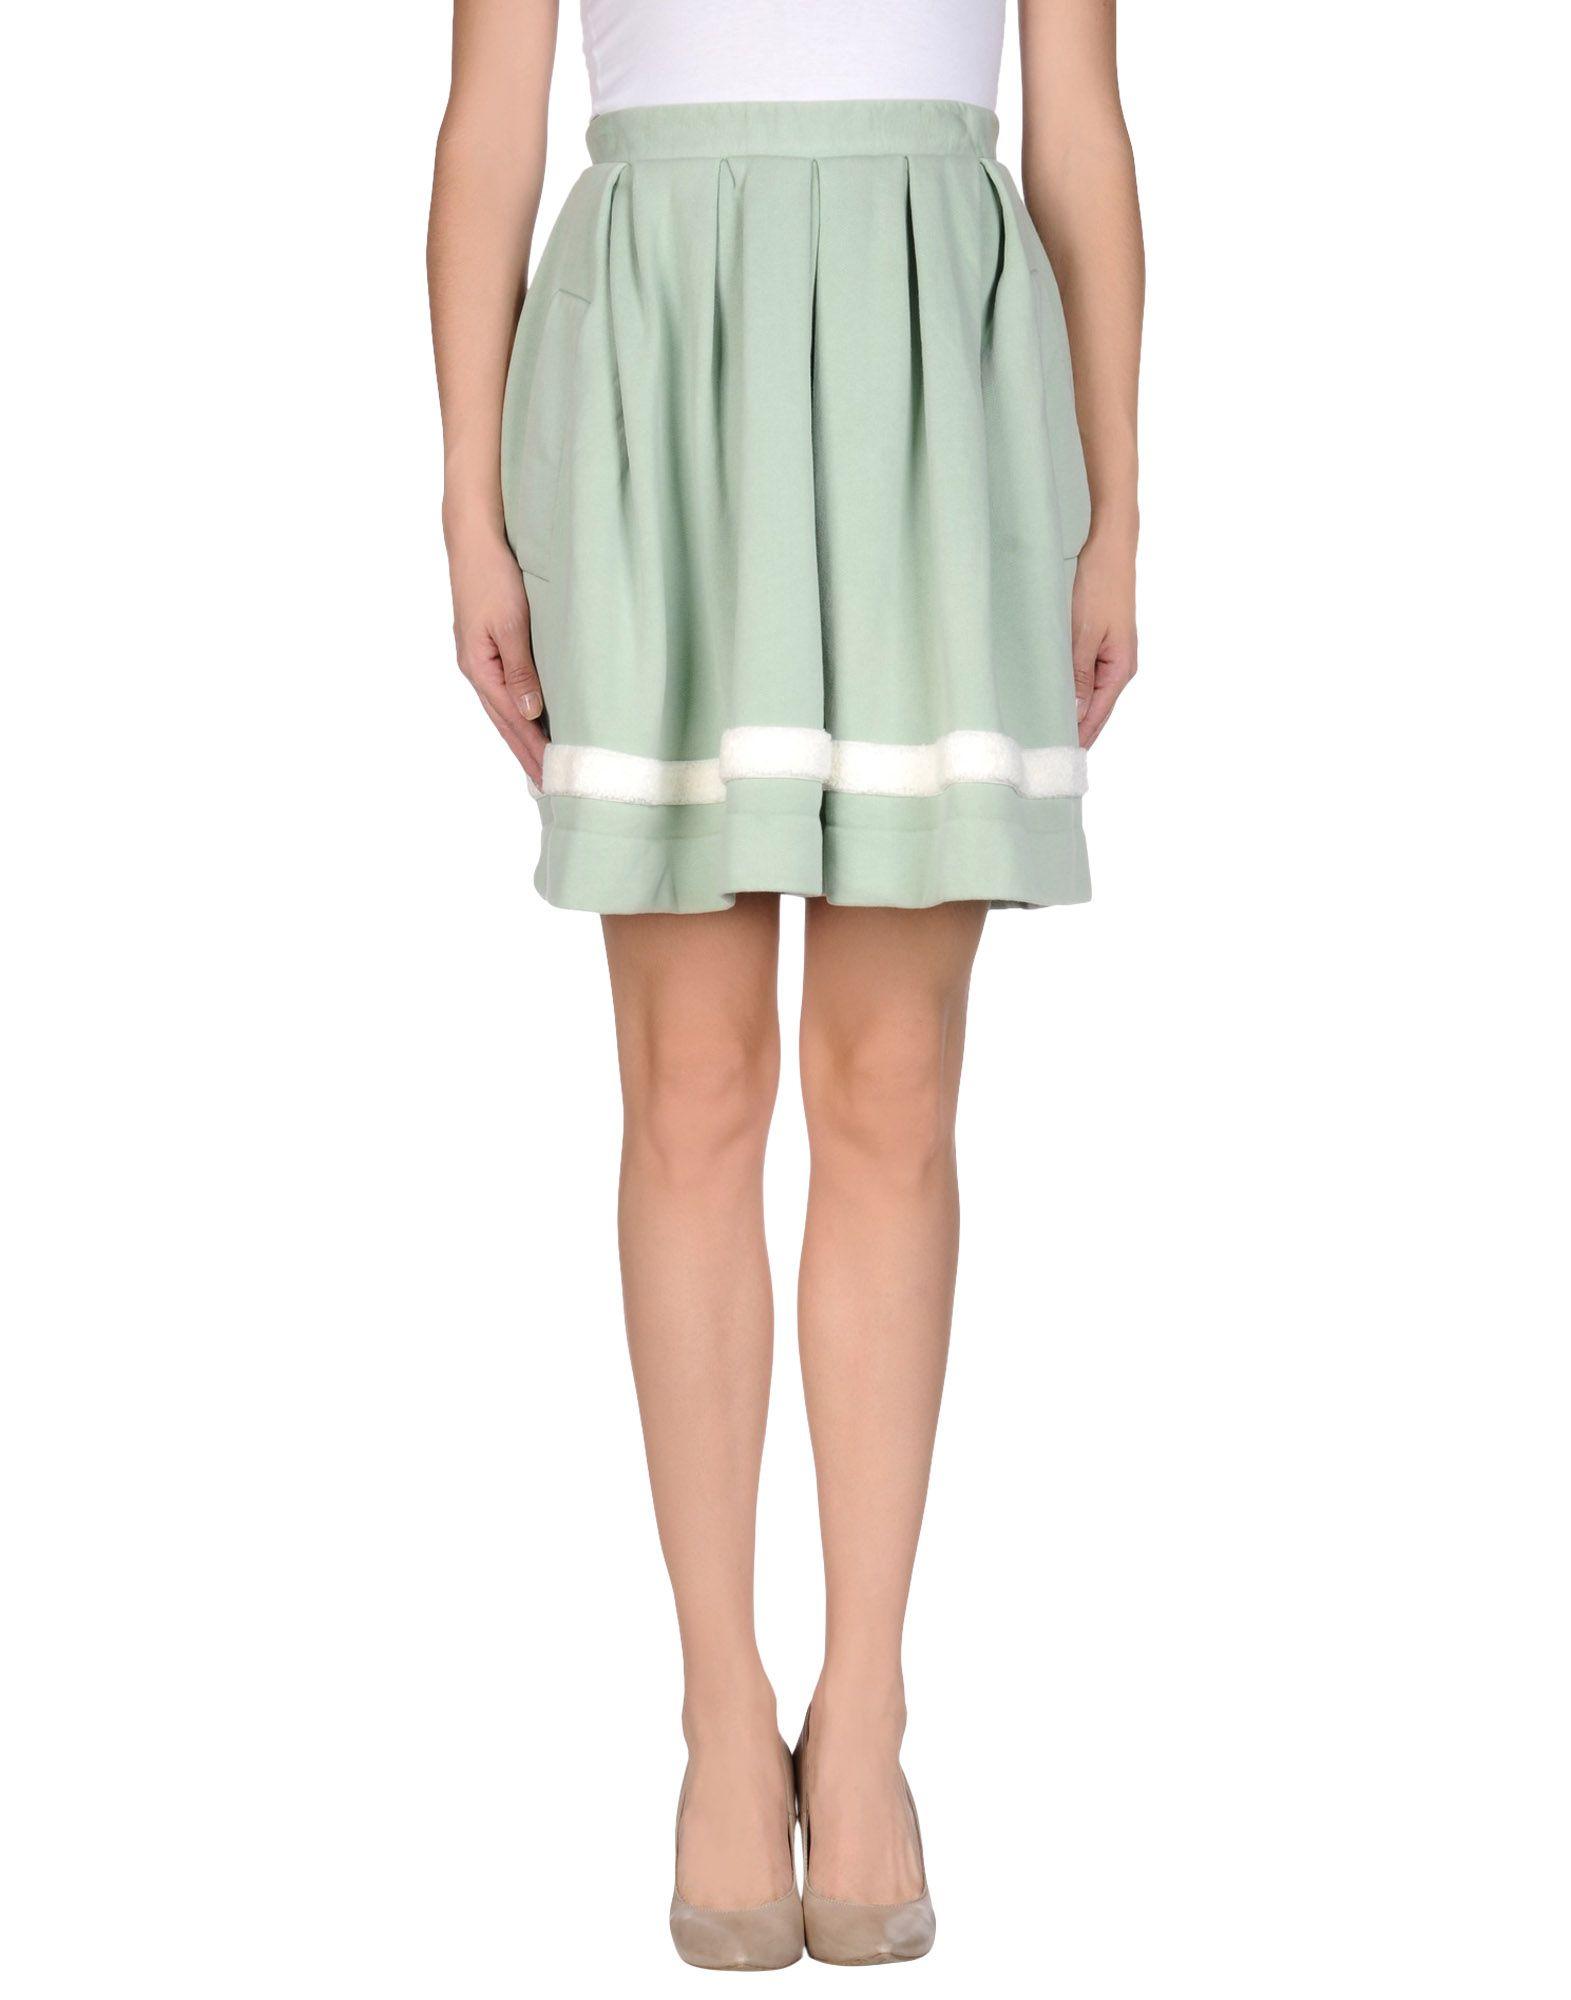 Wood Skirt 18